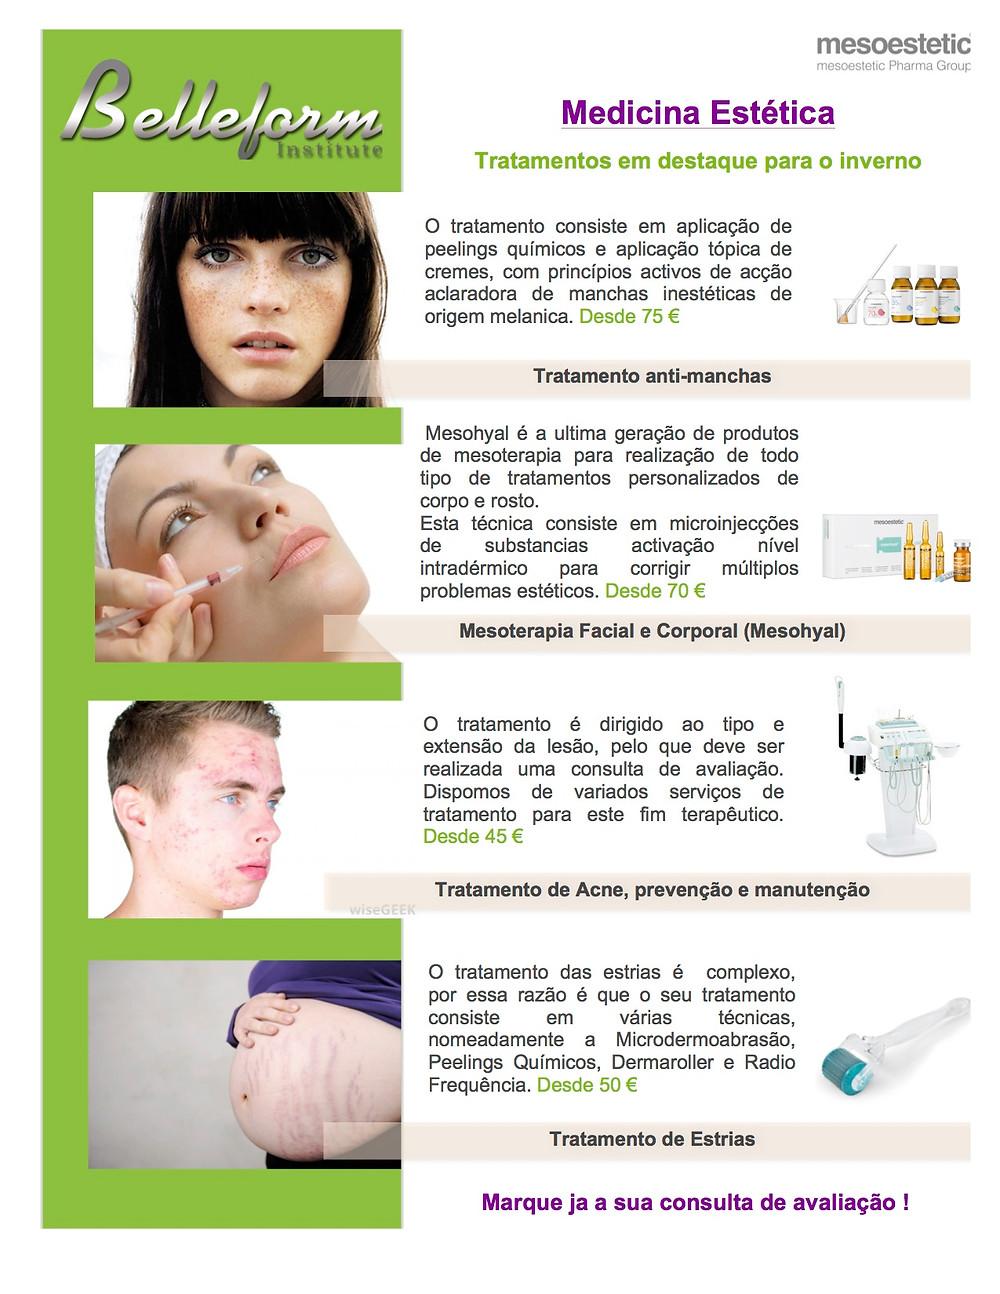 medicina estetica inverno 2014-15.jpg